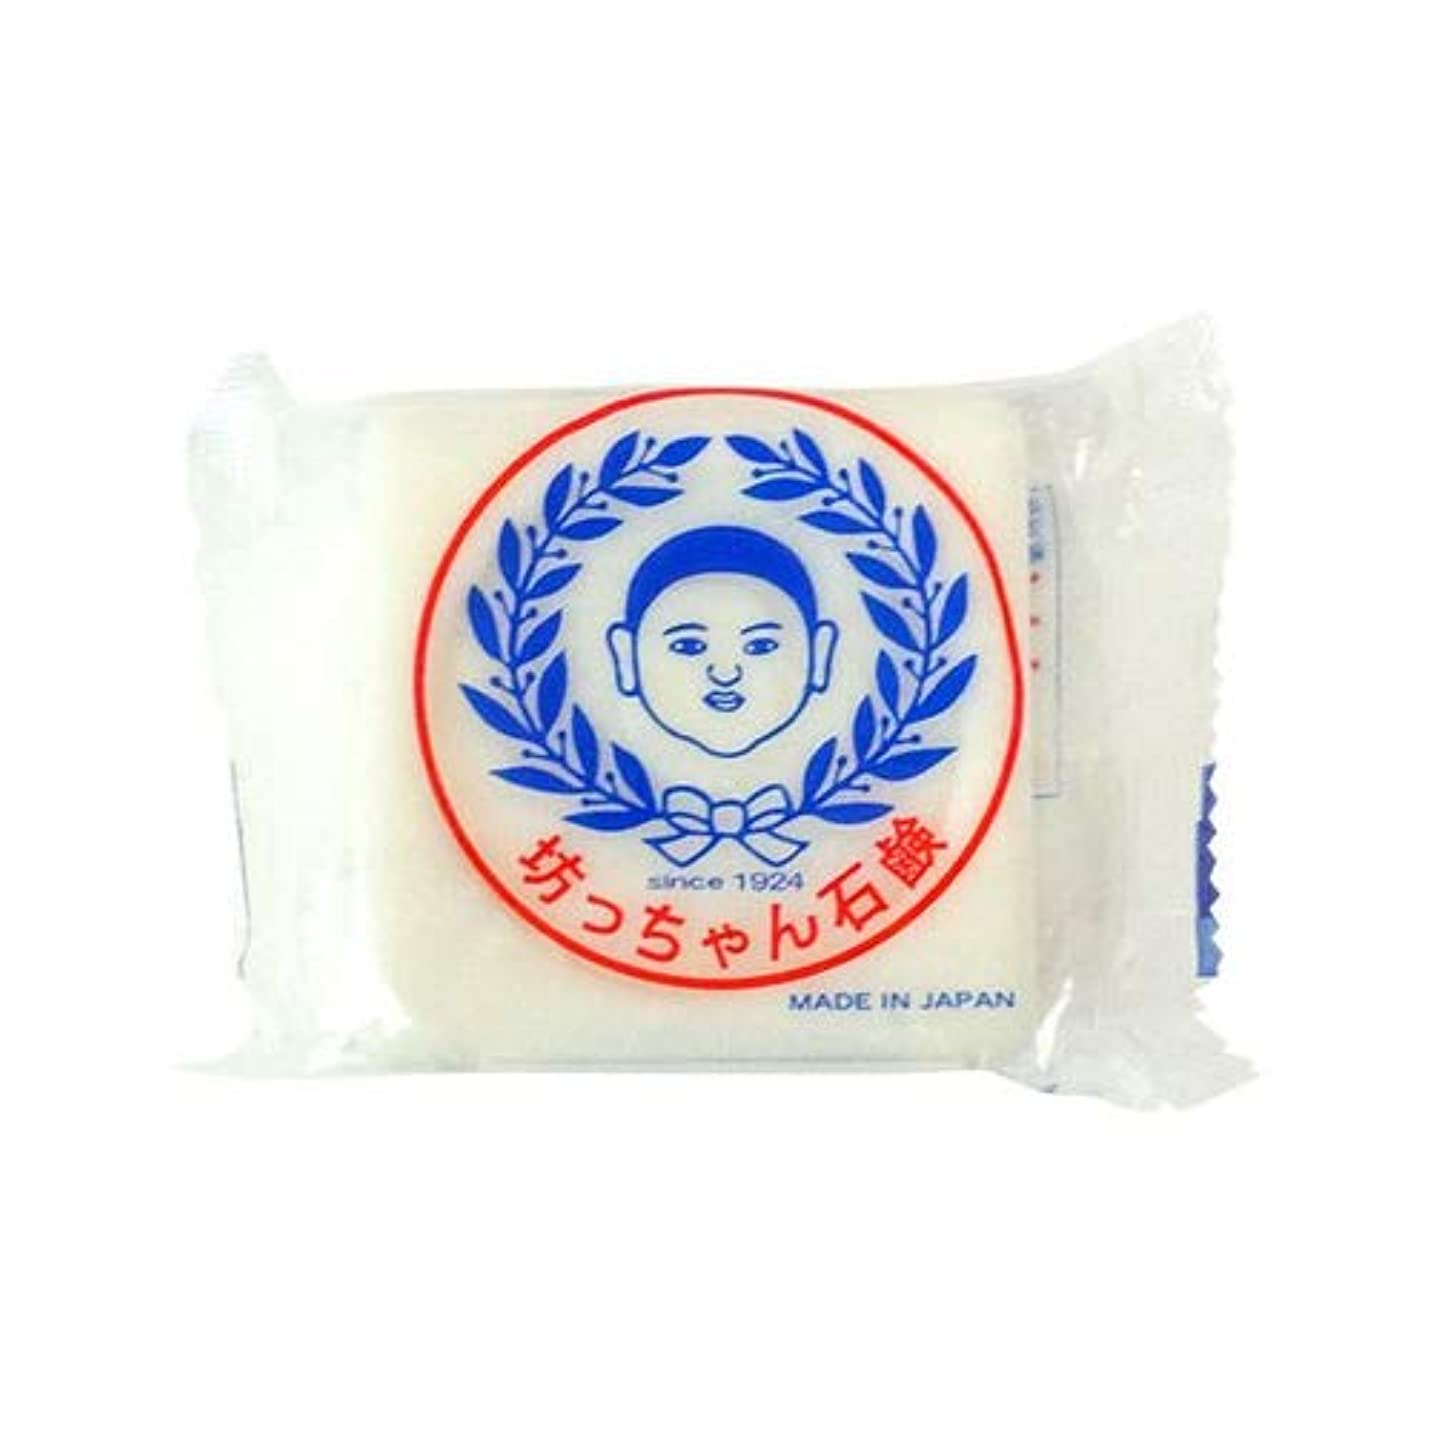 バルクディレクトリ略す坊っちゃん石鹸 ミニサイズ 100g